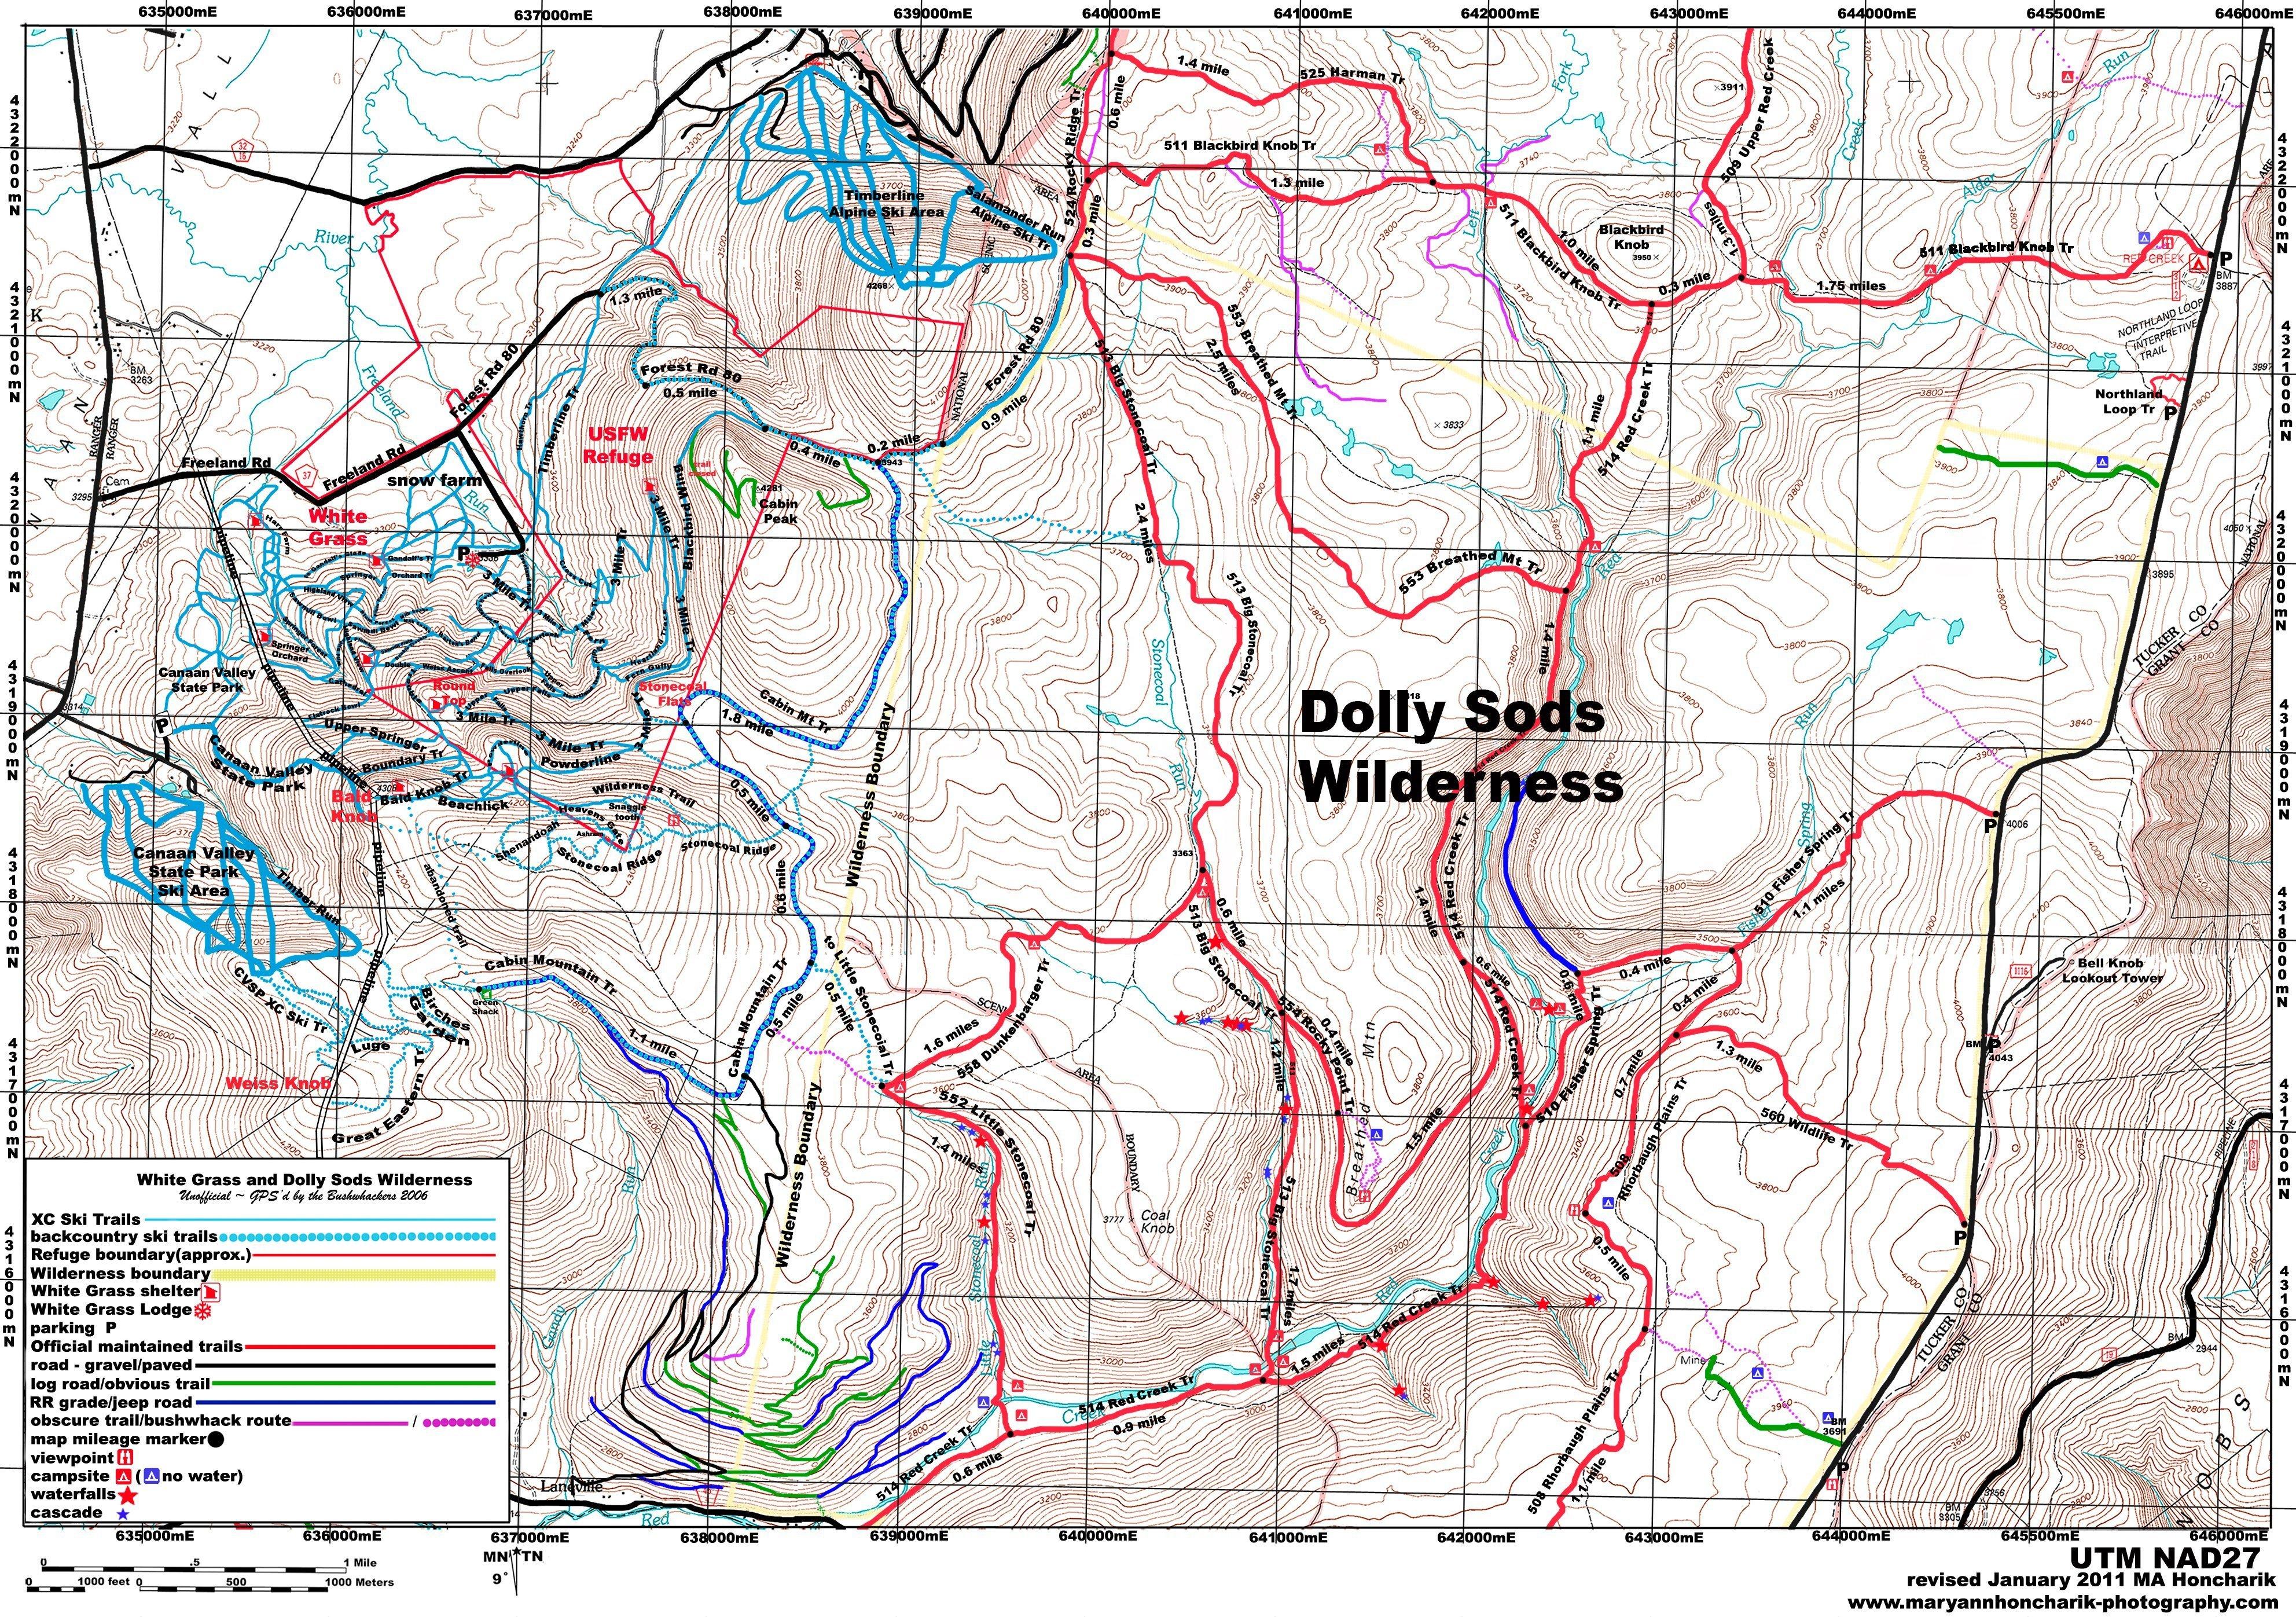 Trail Guide & Maps - White Grass Ski Touring Center